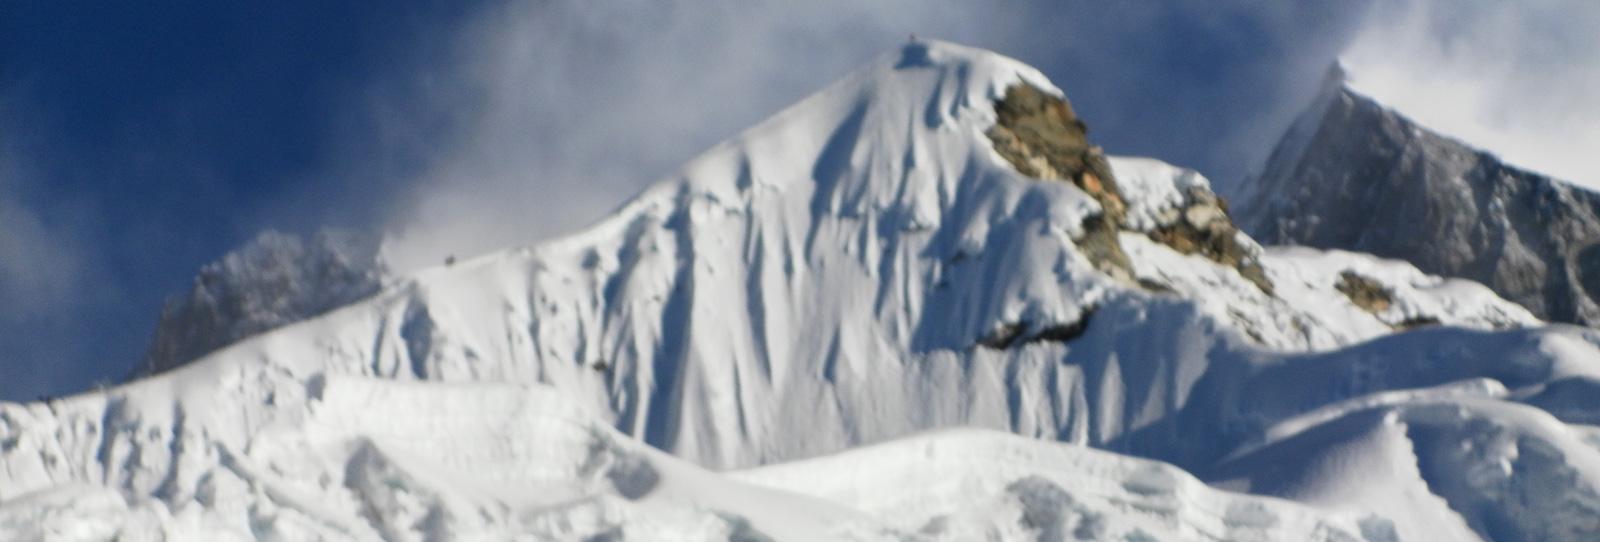 Yala Peak Climbing (5500m/18045ft)